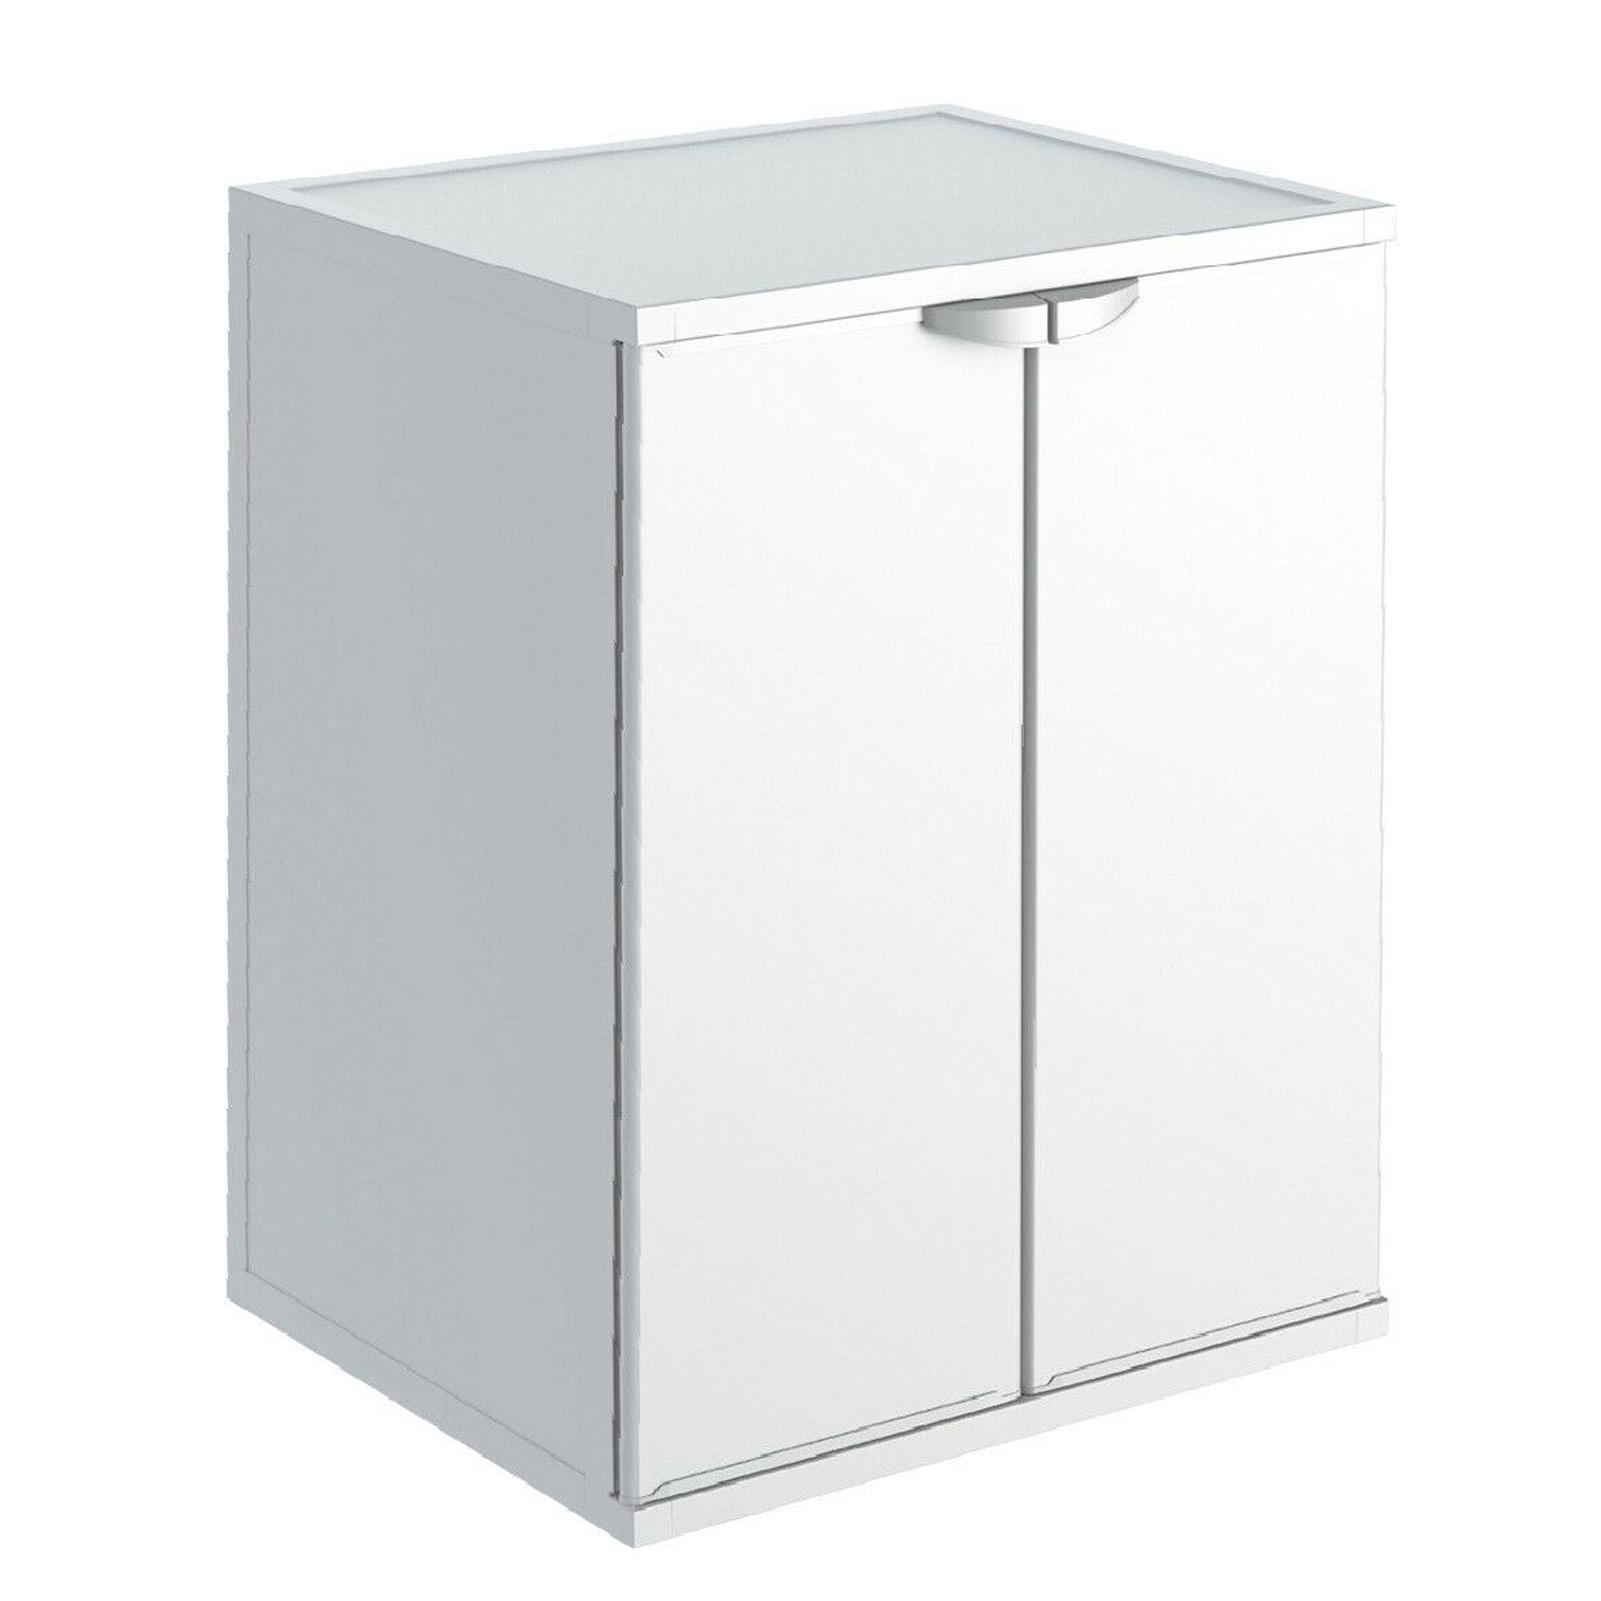 Mobile Per Asciugatrice Esterno dettagli su armadio box mobile coprilavatrice resina copri lavatrice  asciugatrice esterno